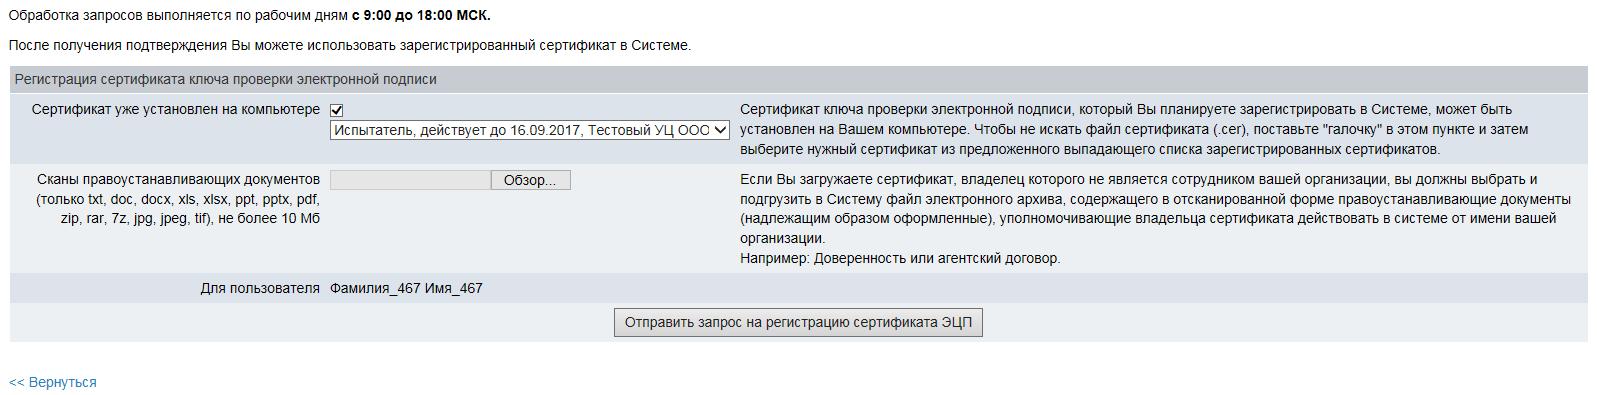 Сертификат для подтверждения электронной подписи